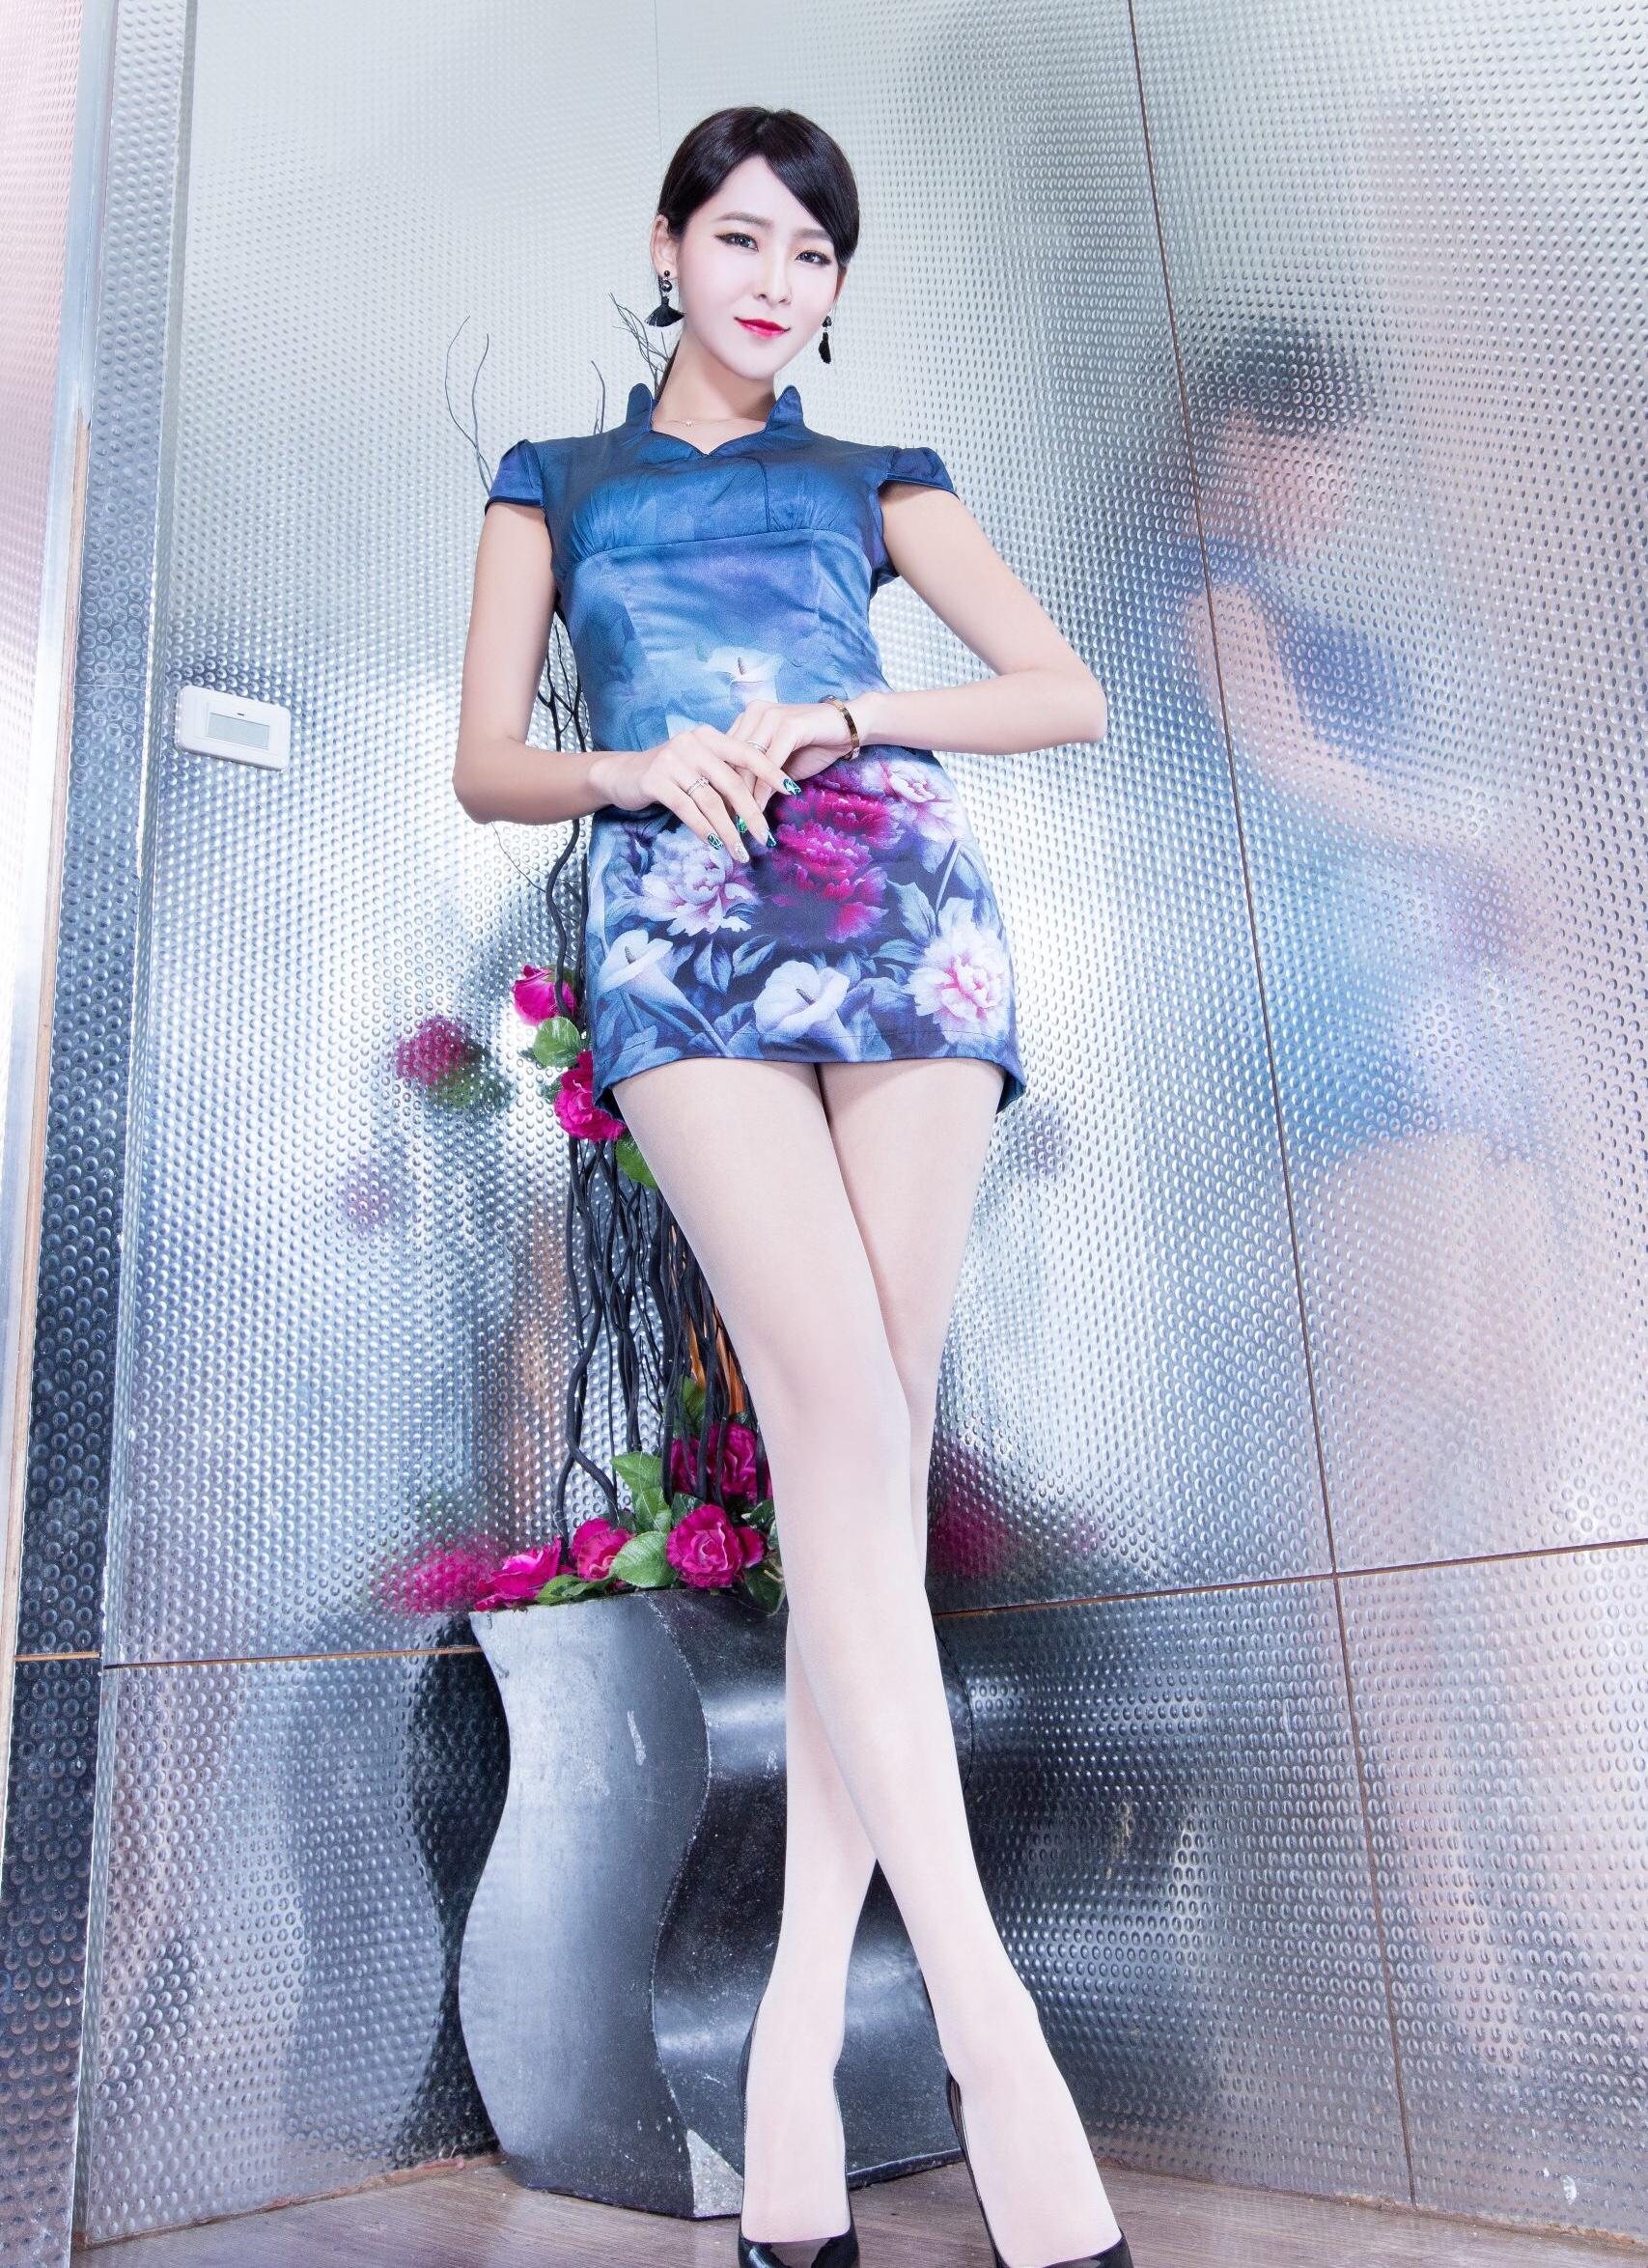 チャイナドレスを着たWinnieの美脚 3